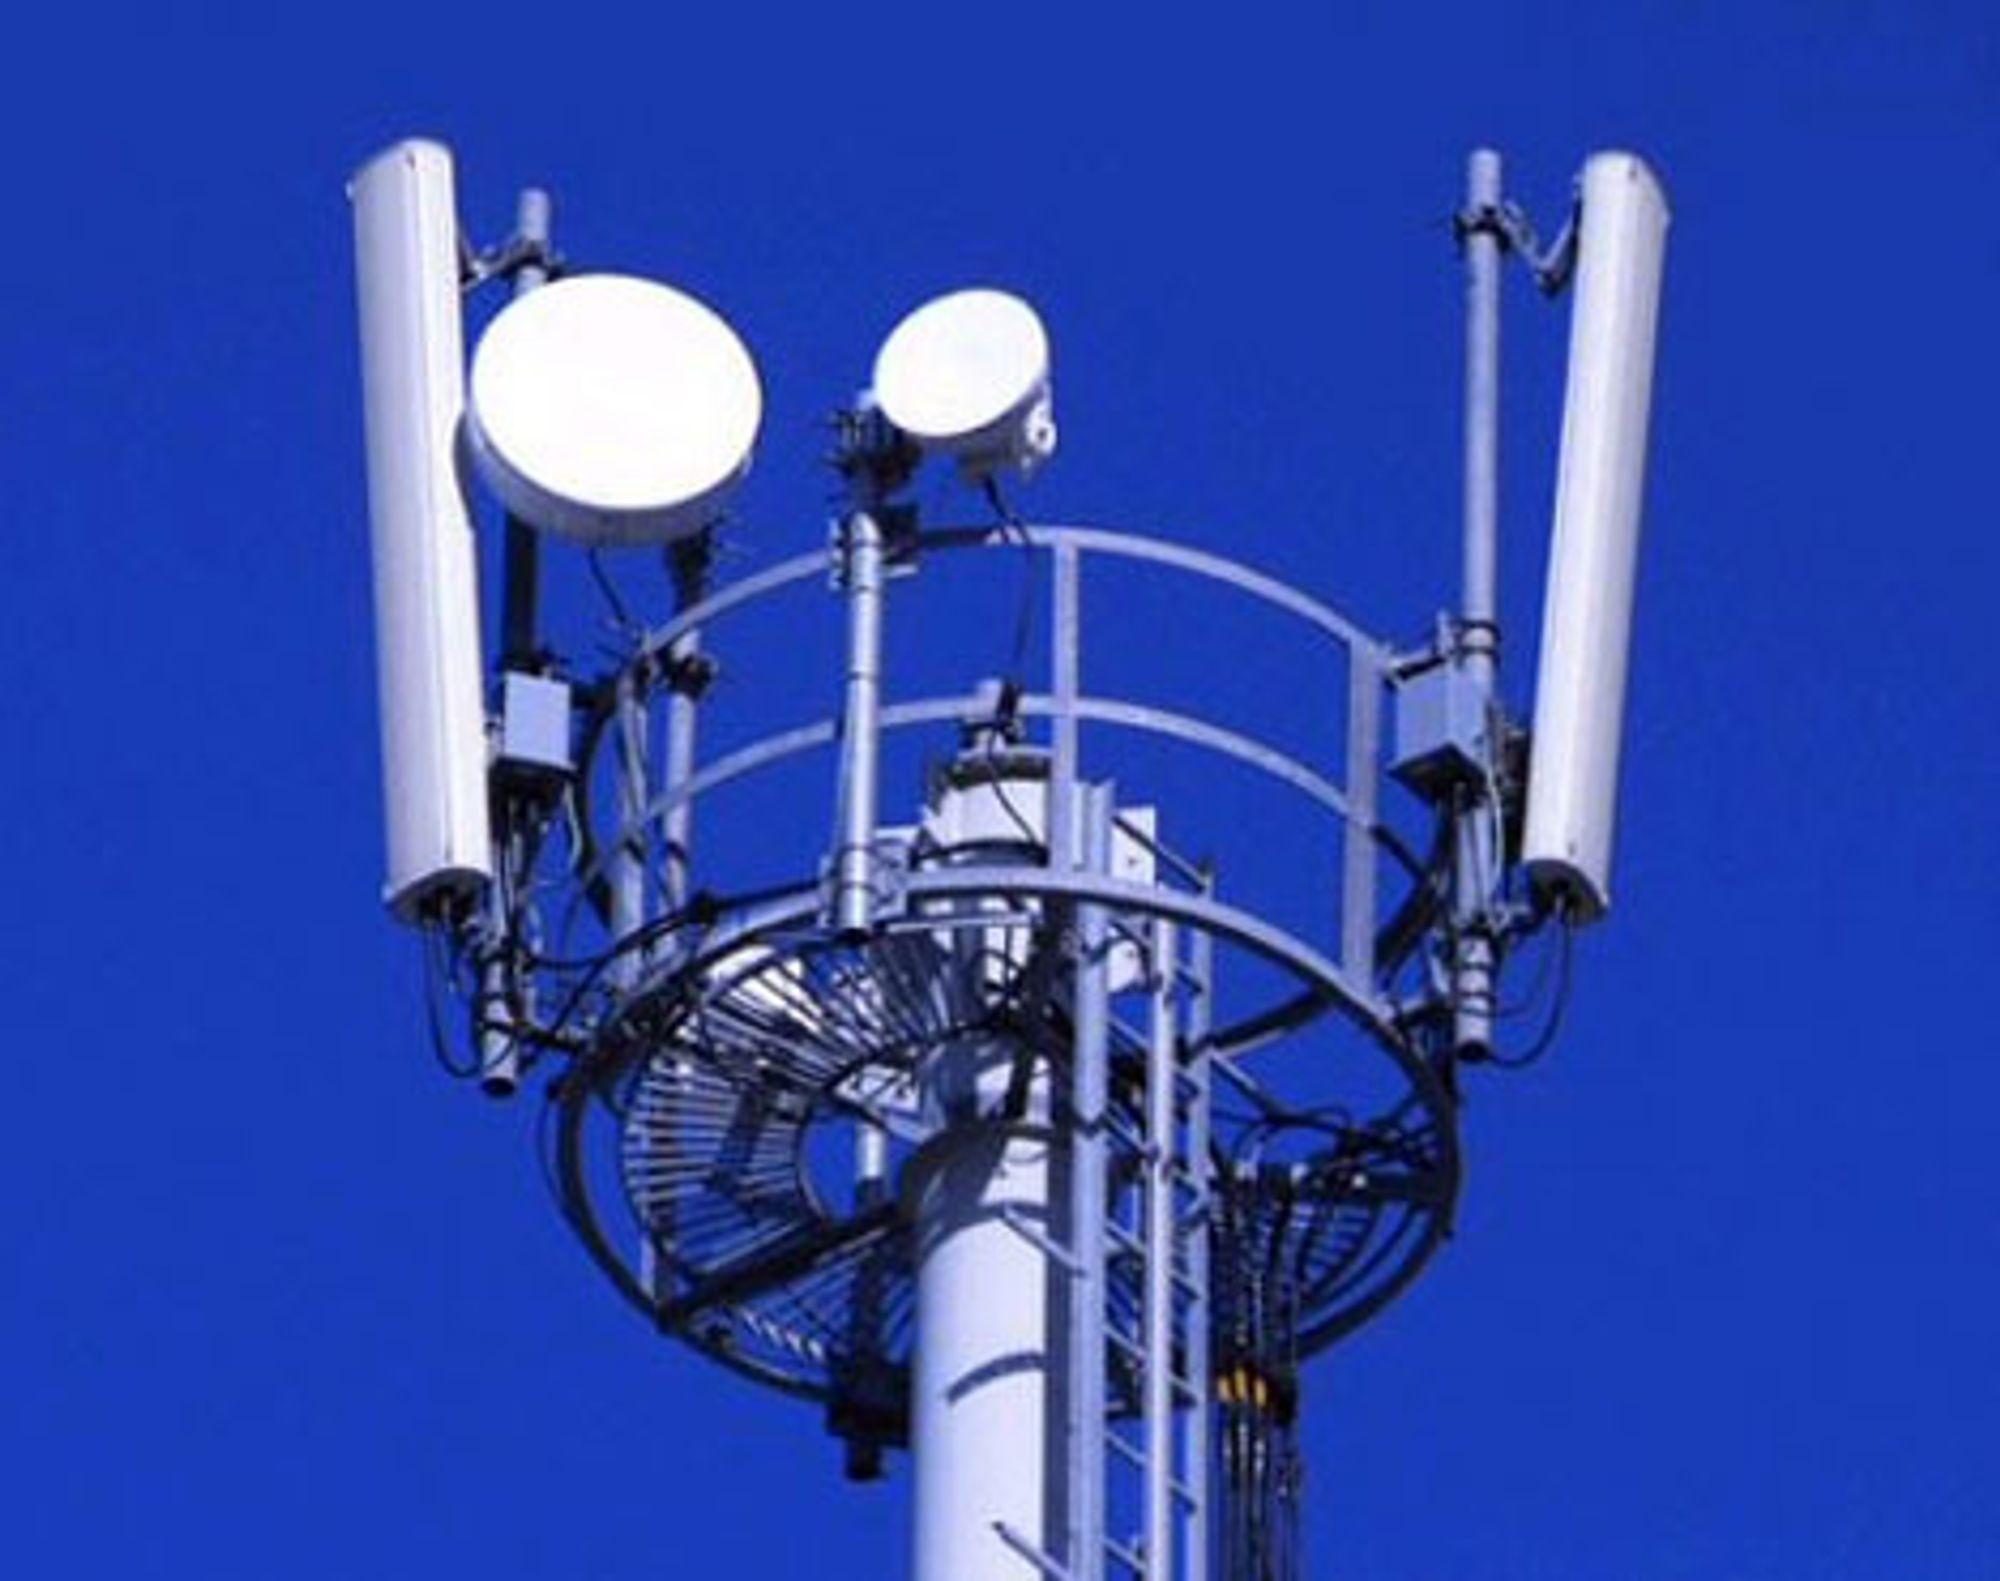 3G-mastene blir en del høyere og mer dominerende enn tilsvarende for GSM.